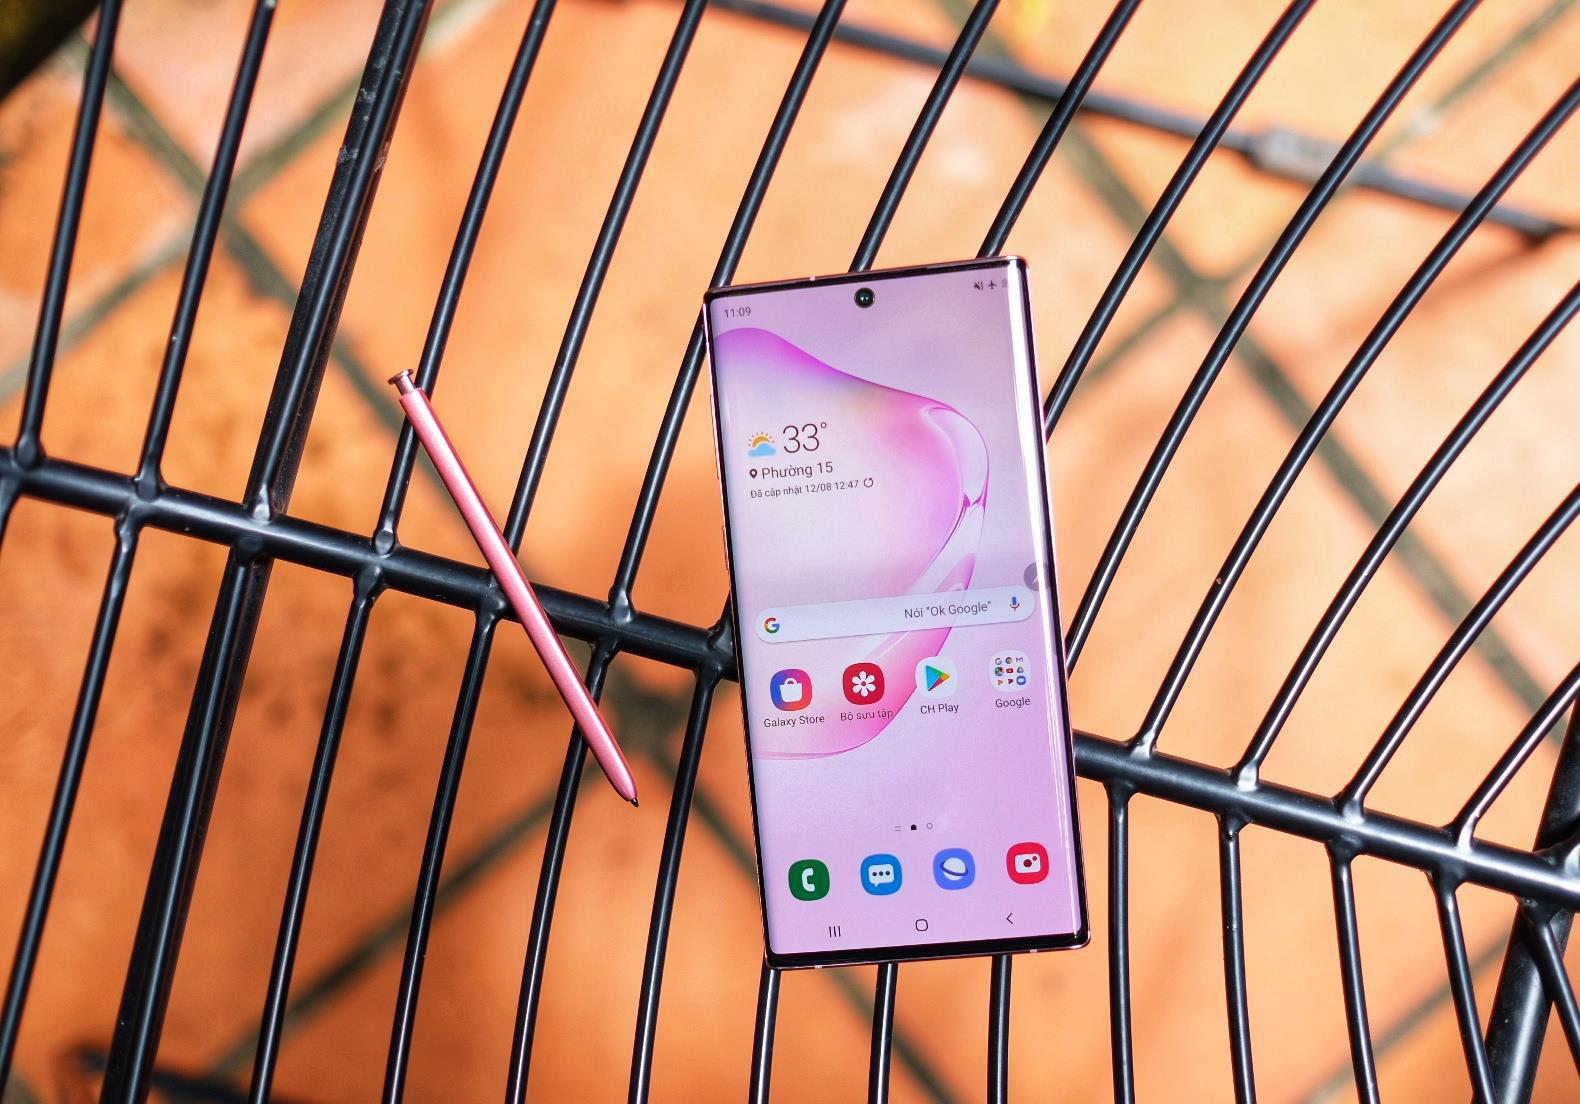 Loạt smartphone cấu hình cao, giá tầm 10 triệu đồng đáng mua - Ảnh 6.